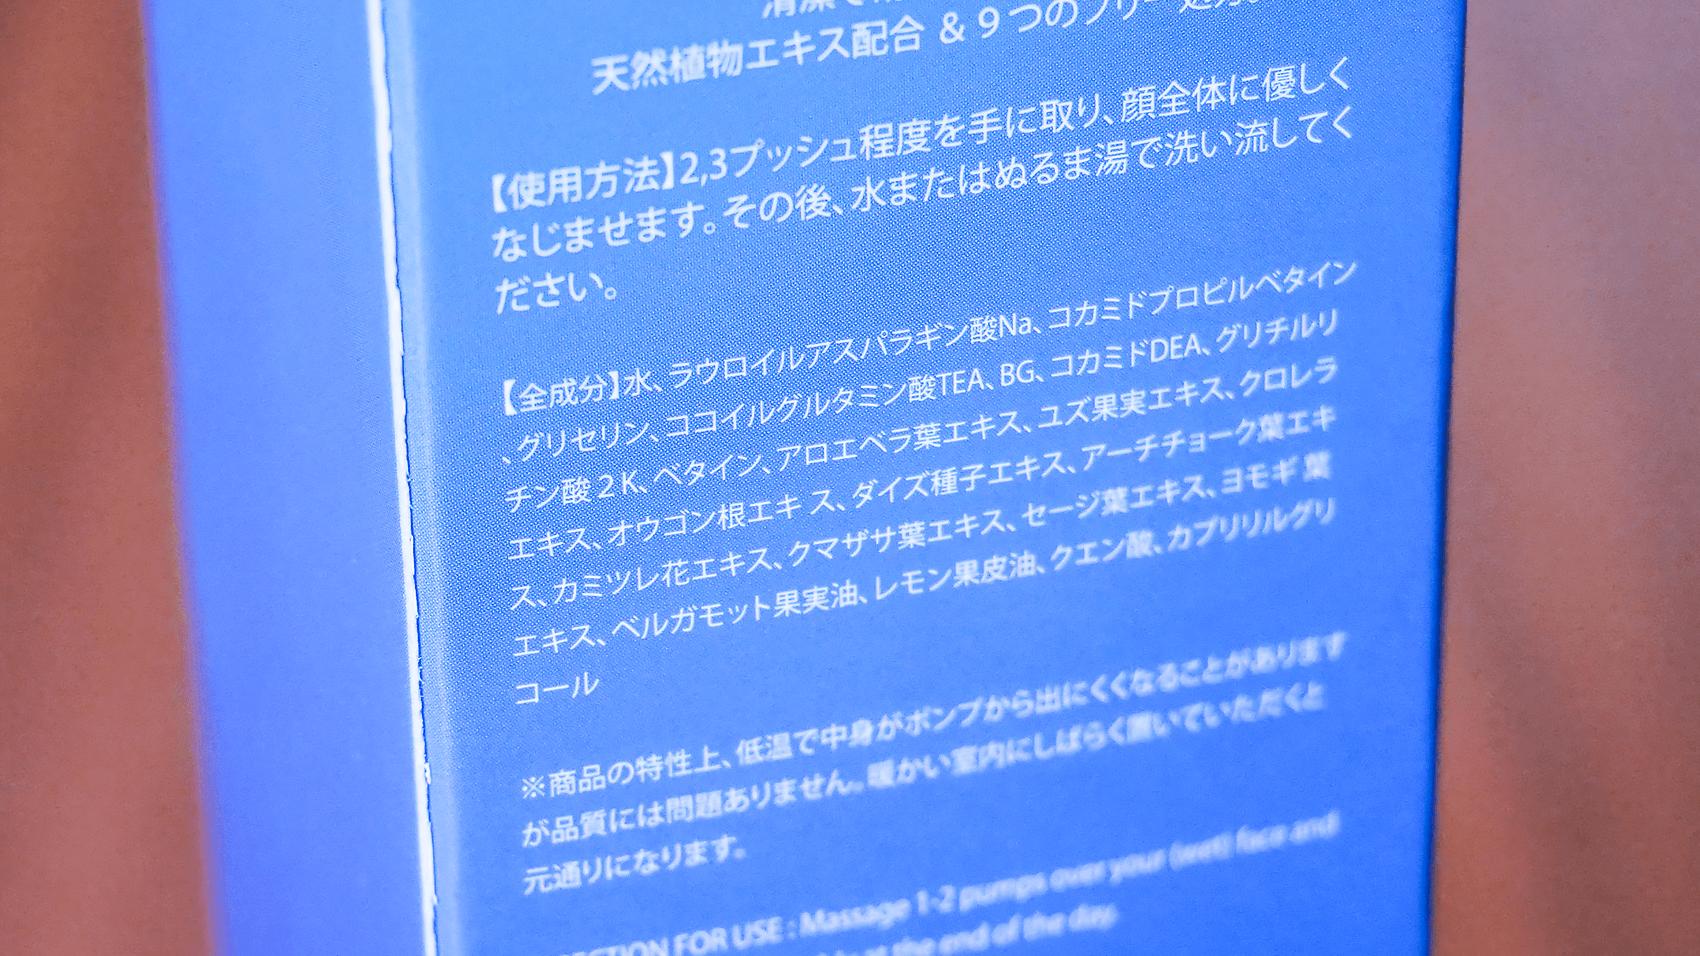 パッケージ裏に記載されている成分